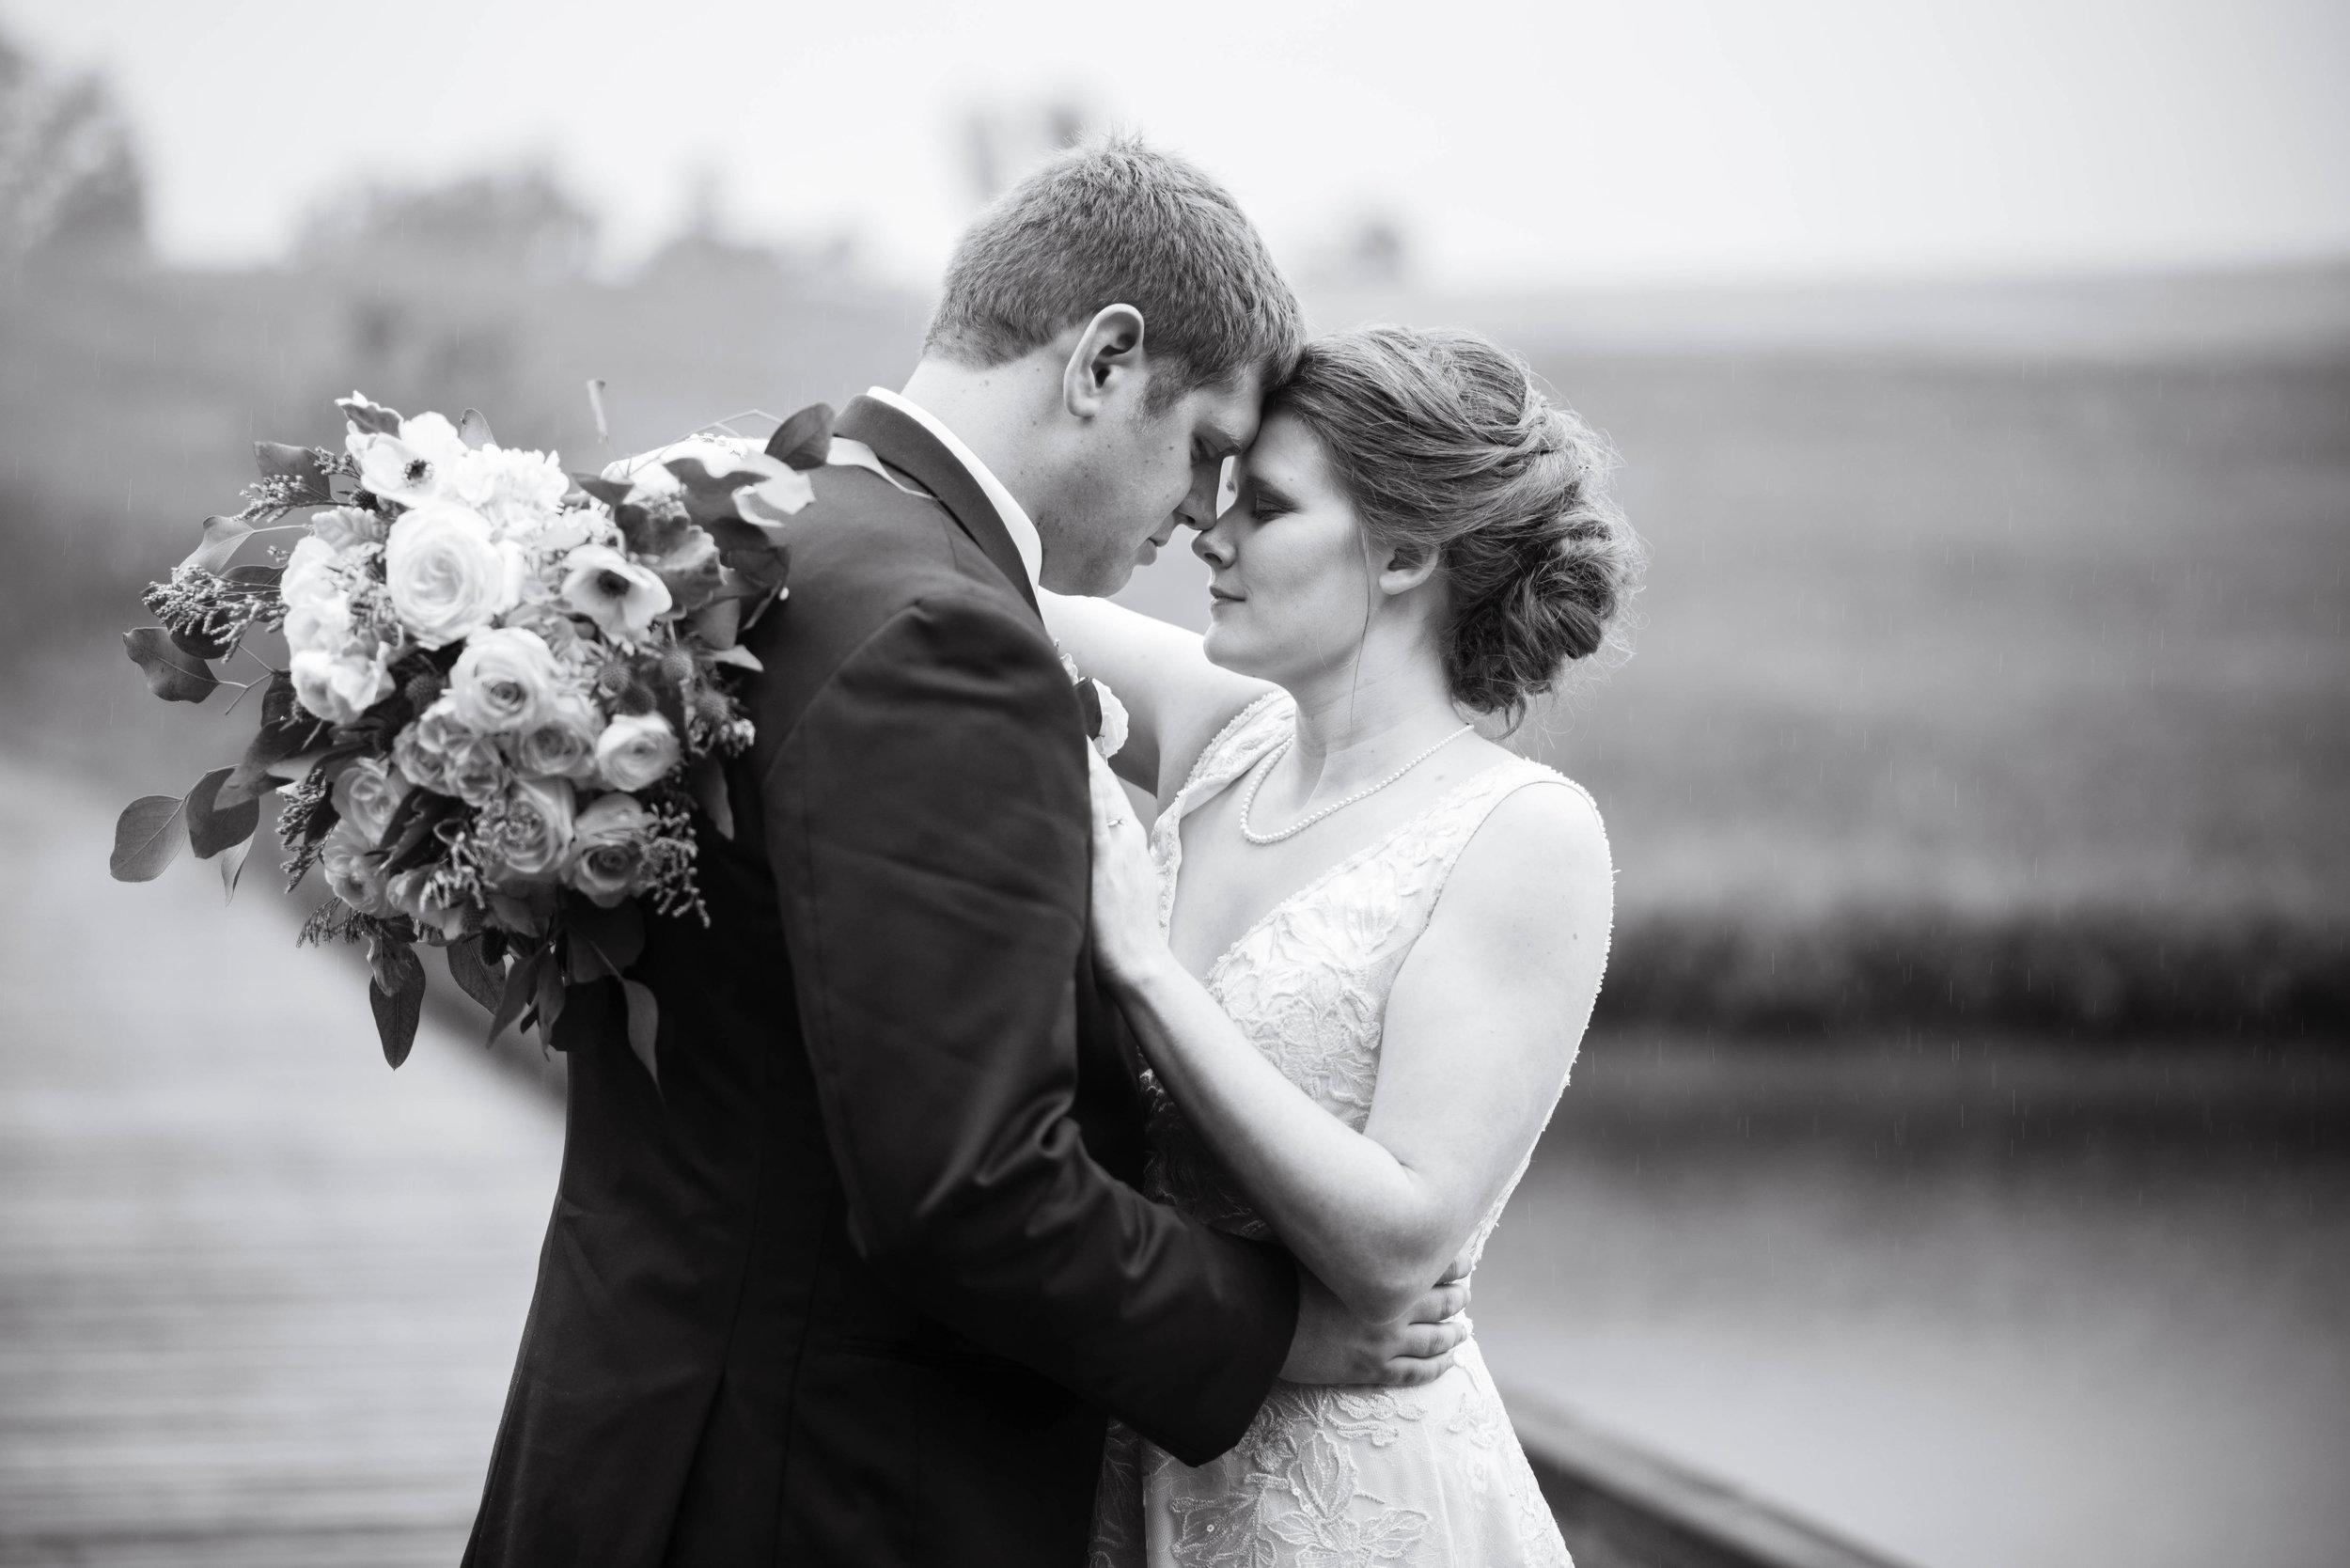 blue-ridge-wedding-ashley-nicole-photography-restoration-hall-crozetphotography-restorationhall-charlottesville-wedding-15.jpg